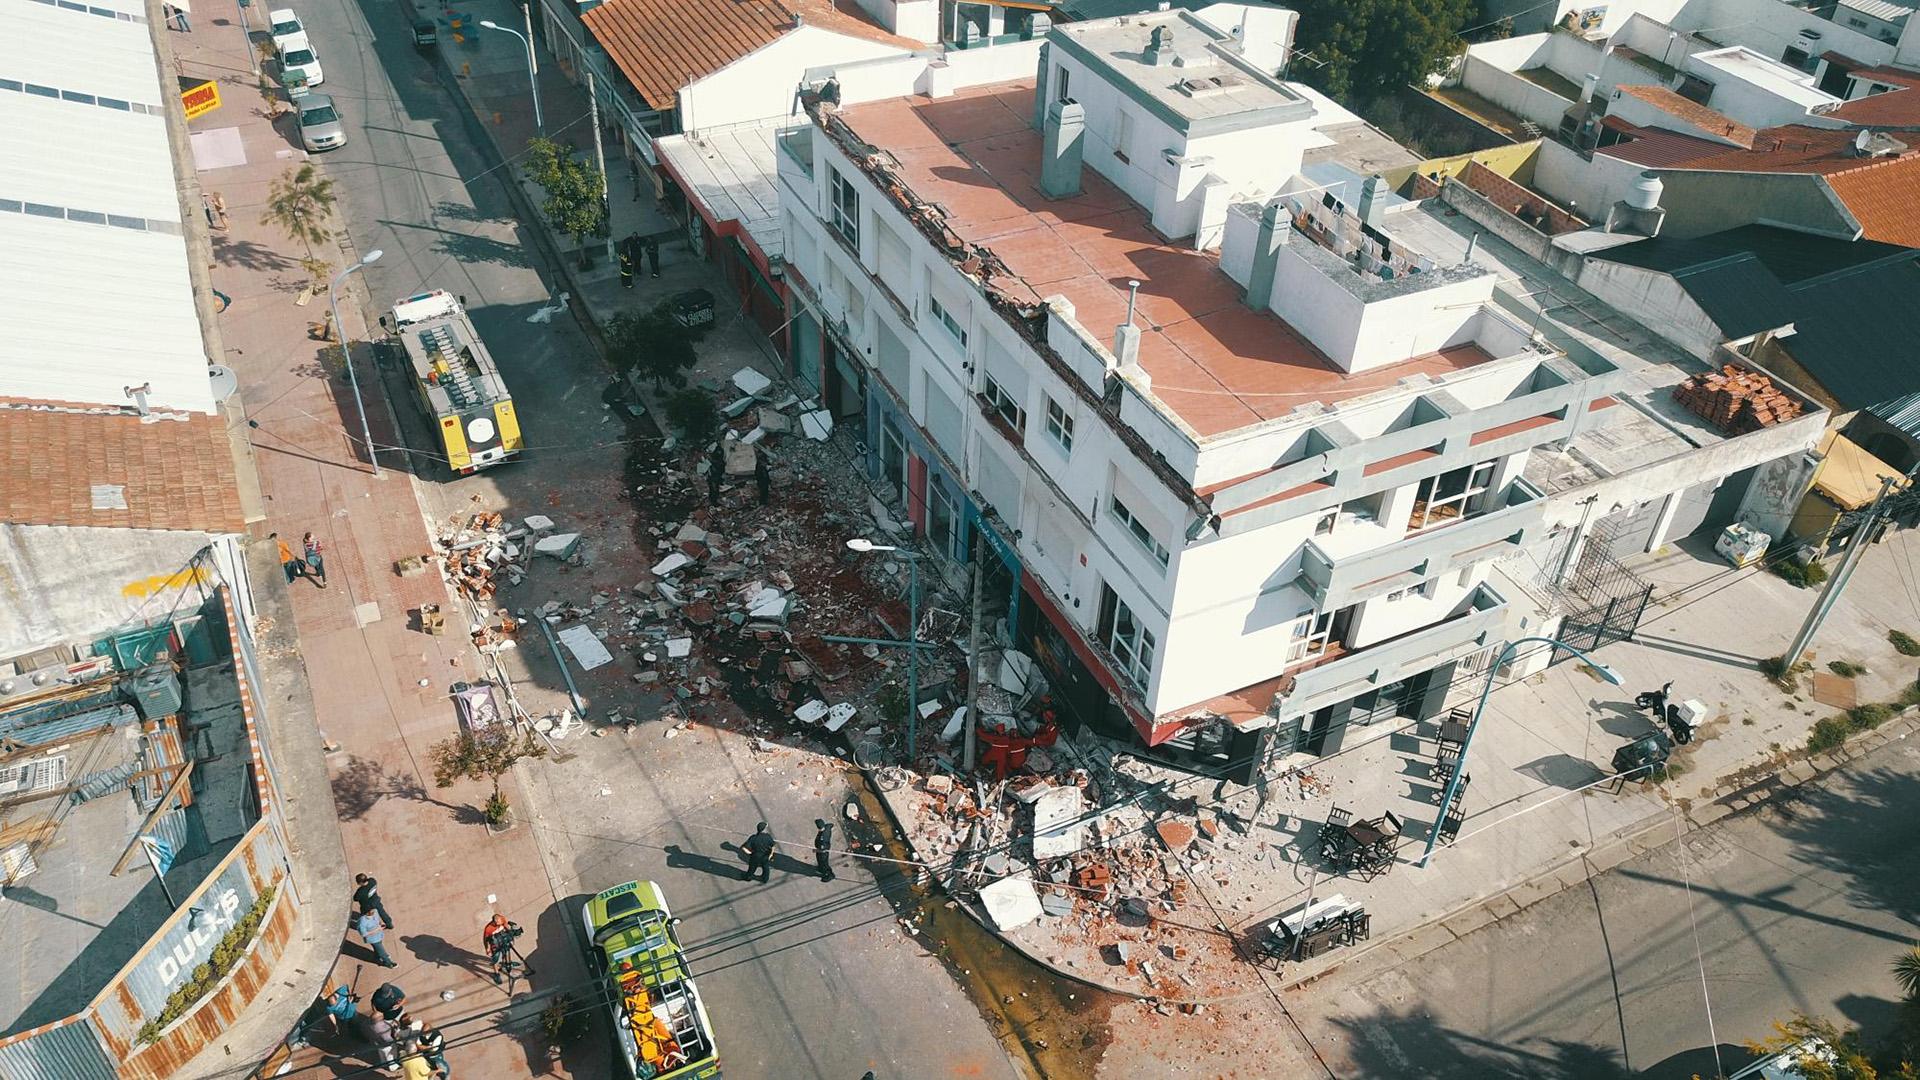 Debajo del edificio hay varios locales comerciales. Las víctimas habían almorzado allí